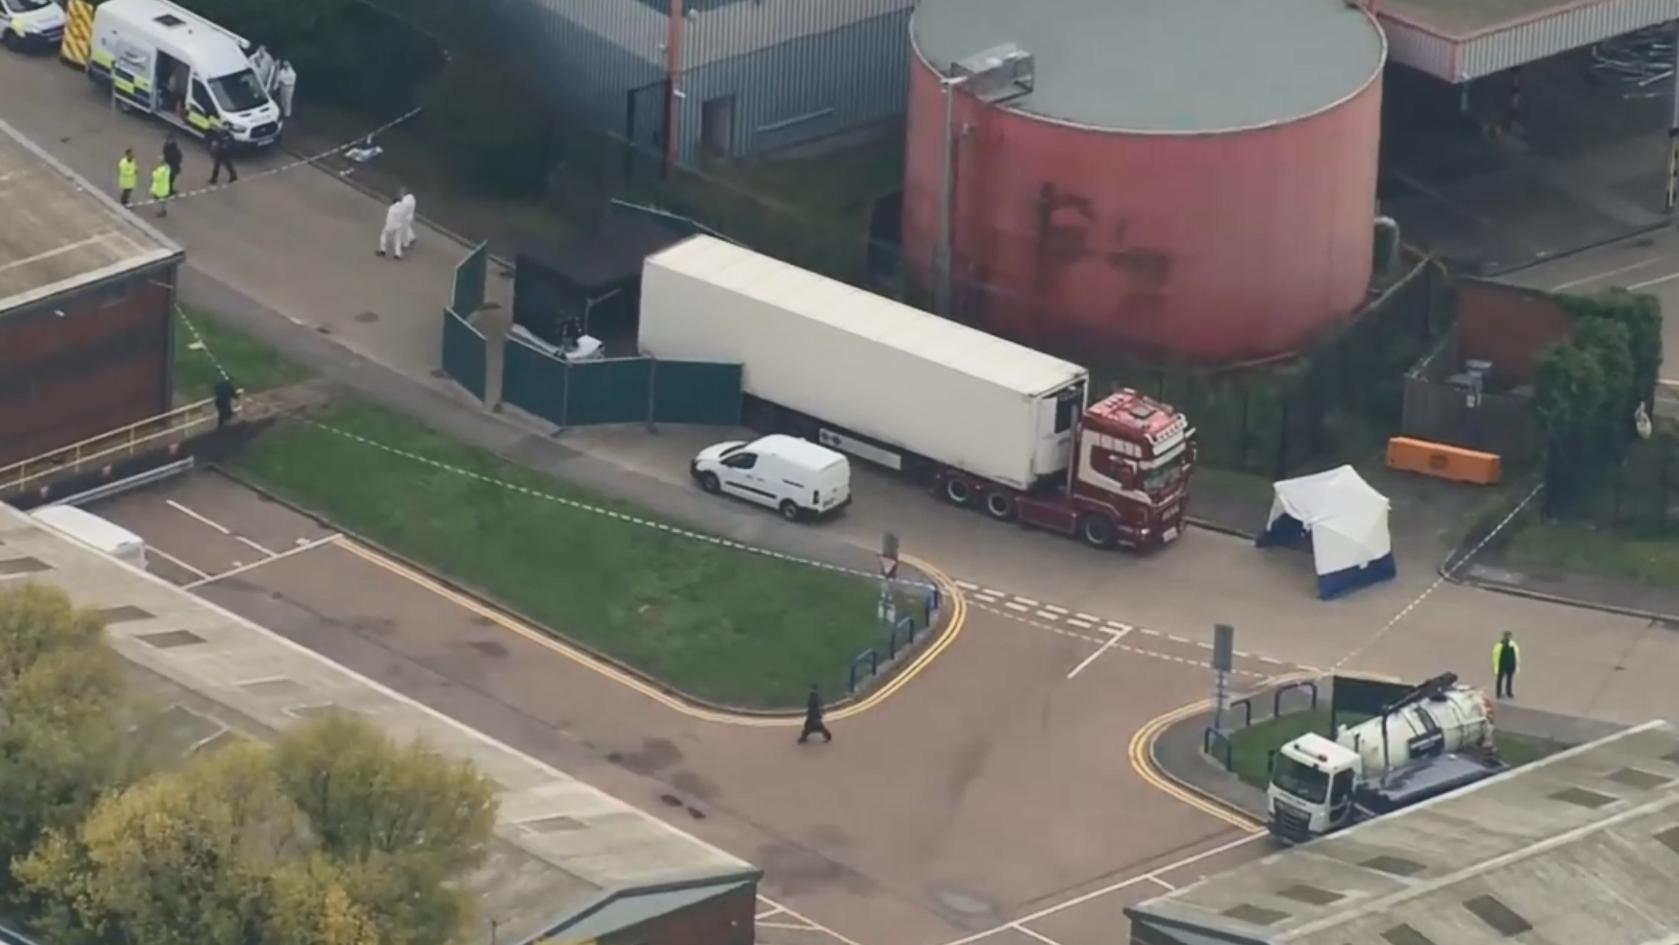 39 Leichen in Lastwagen in London entdeckt